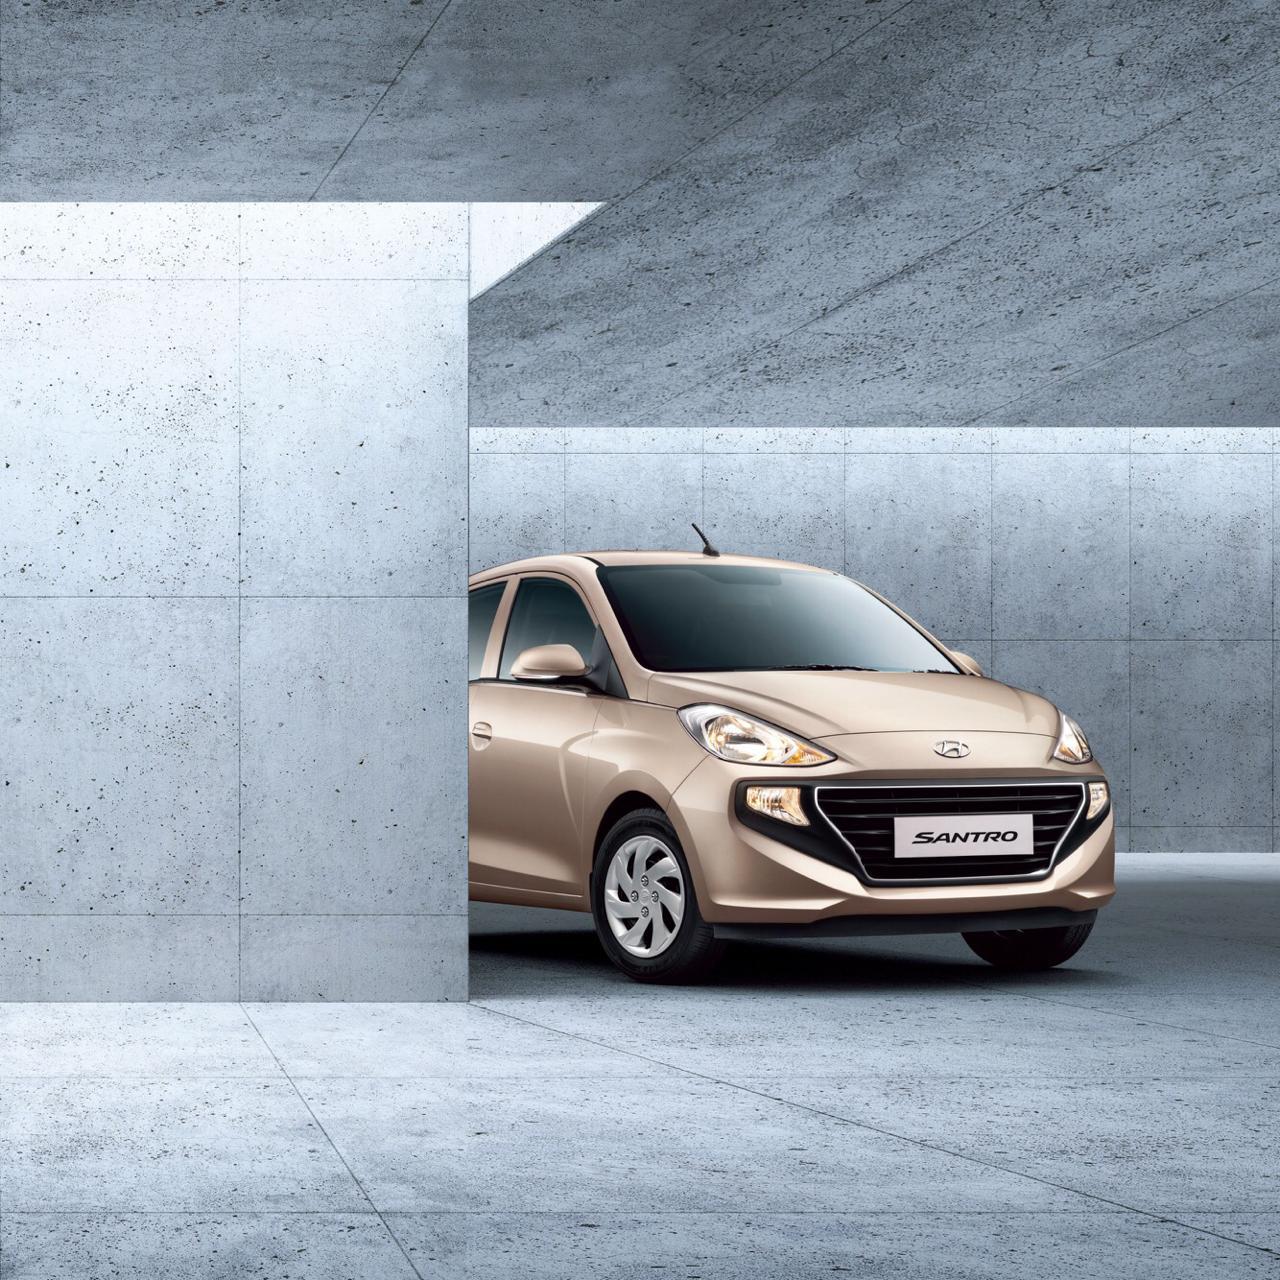 New-gen Hyundai Santro (1)